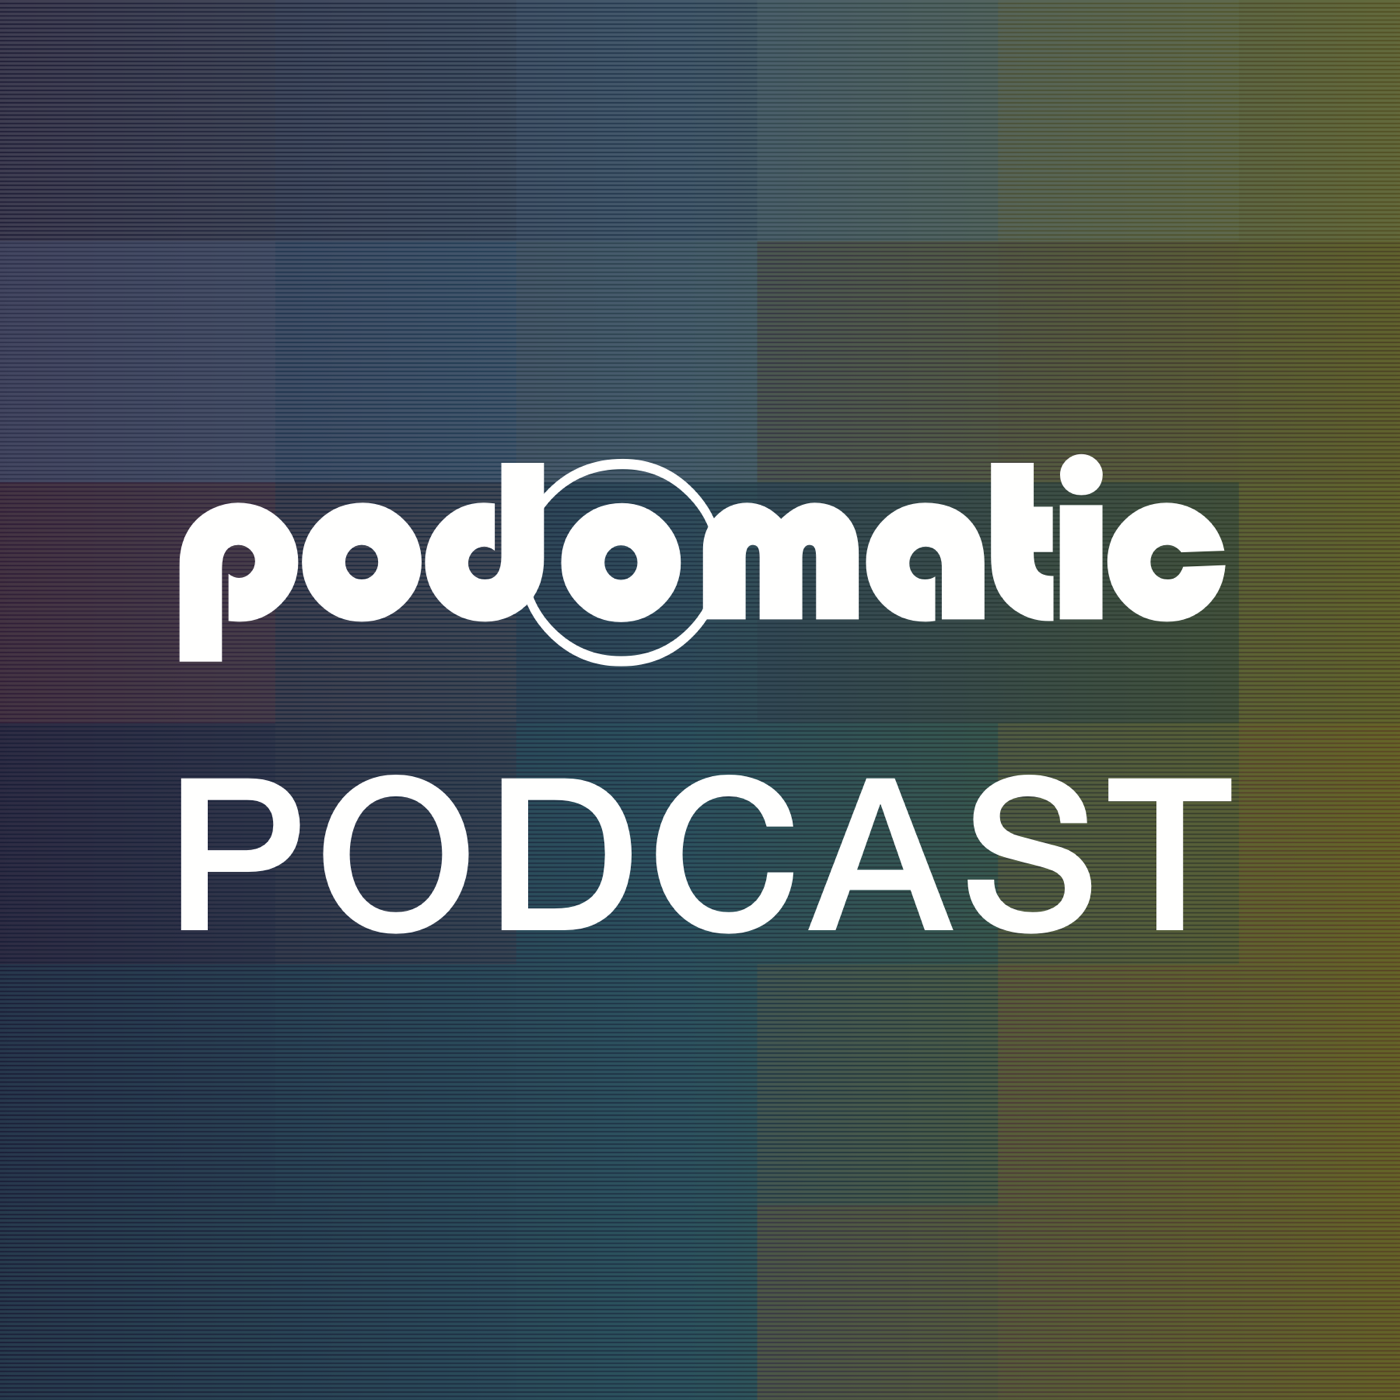 logan deiner's Podcast